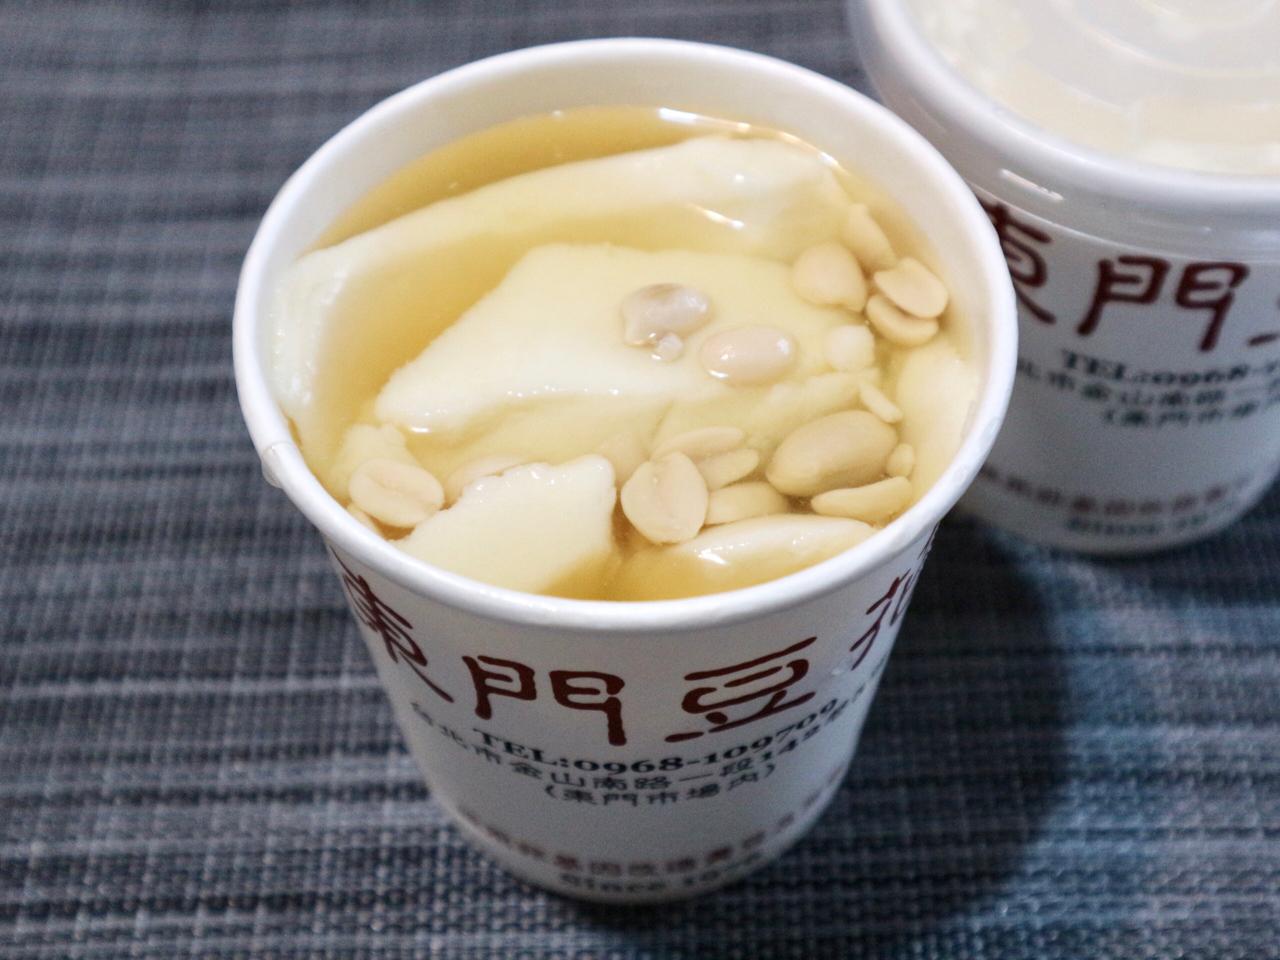 【台湾】「ピーナッツ豆花」のなぜか懐かしい味わい。台北・東門市場の超ローカル店「江記東門豆花」 画像1